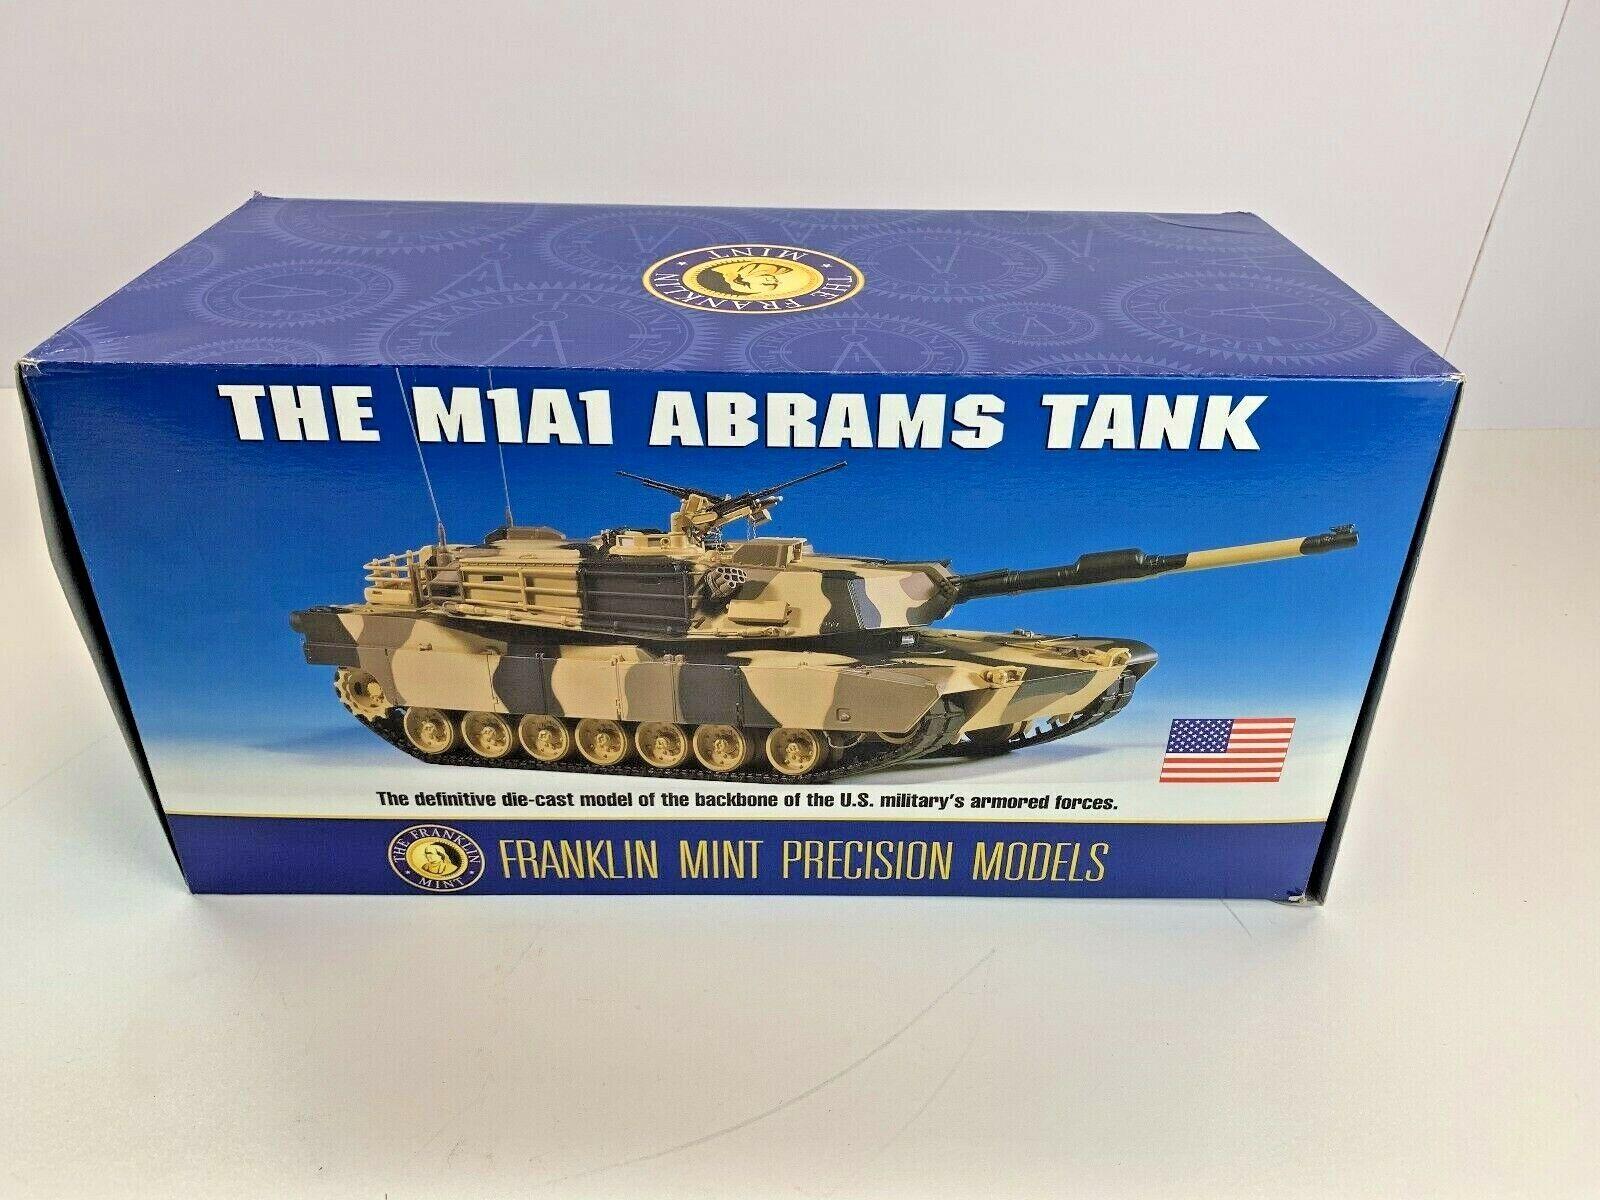 Franklin Comme  neuf Precision Models M1a1 abrams Tank Camo DIE CAST B11B815 échelle 1 24  limite acheter